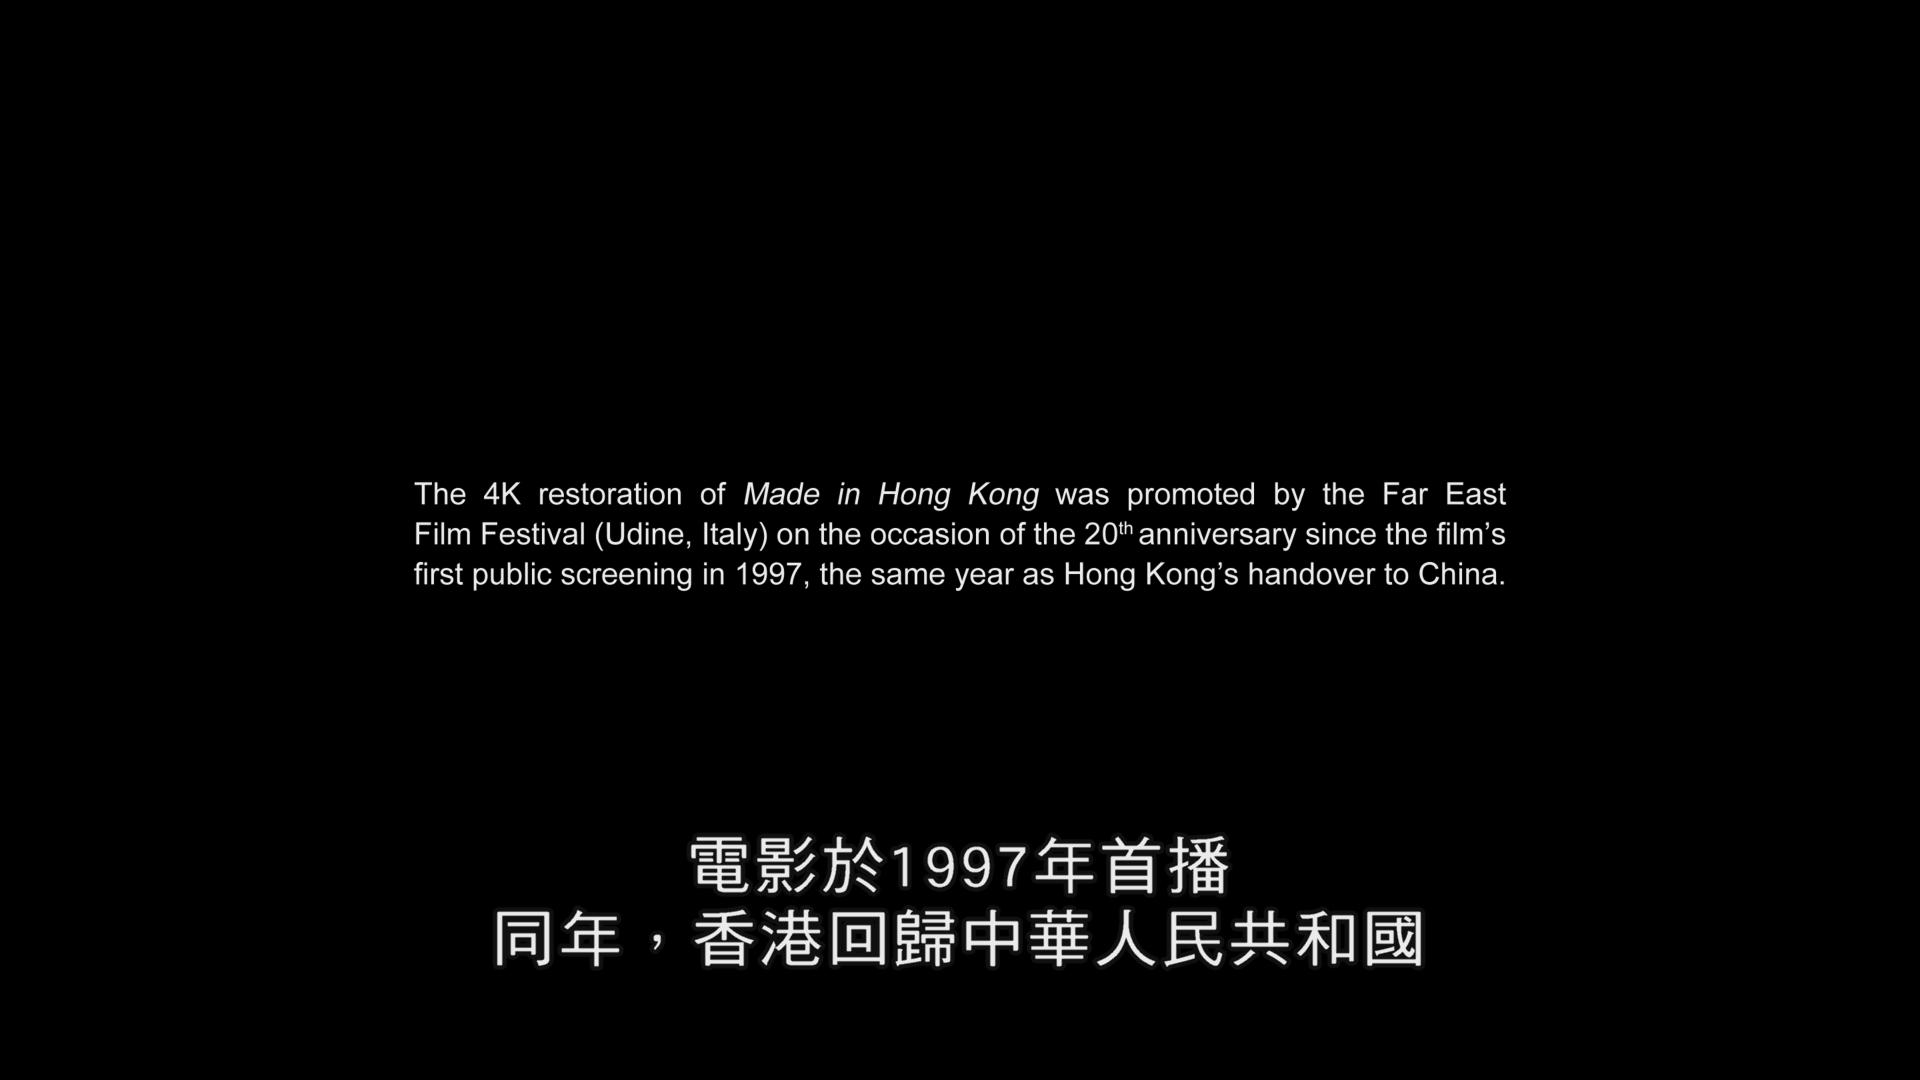 香港制造 【1997】【剧情 / 犯罪】【香港】【20周年全新4K修复版】【中文字幕】